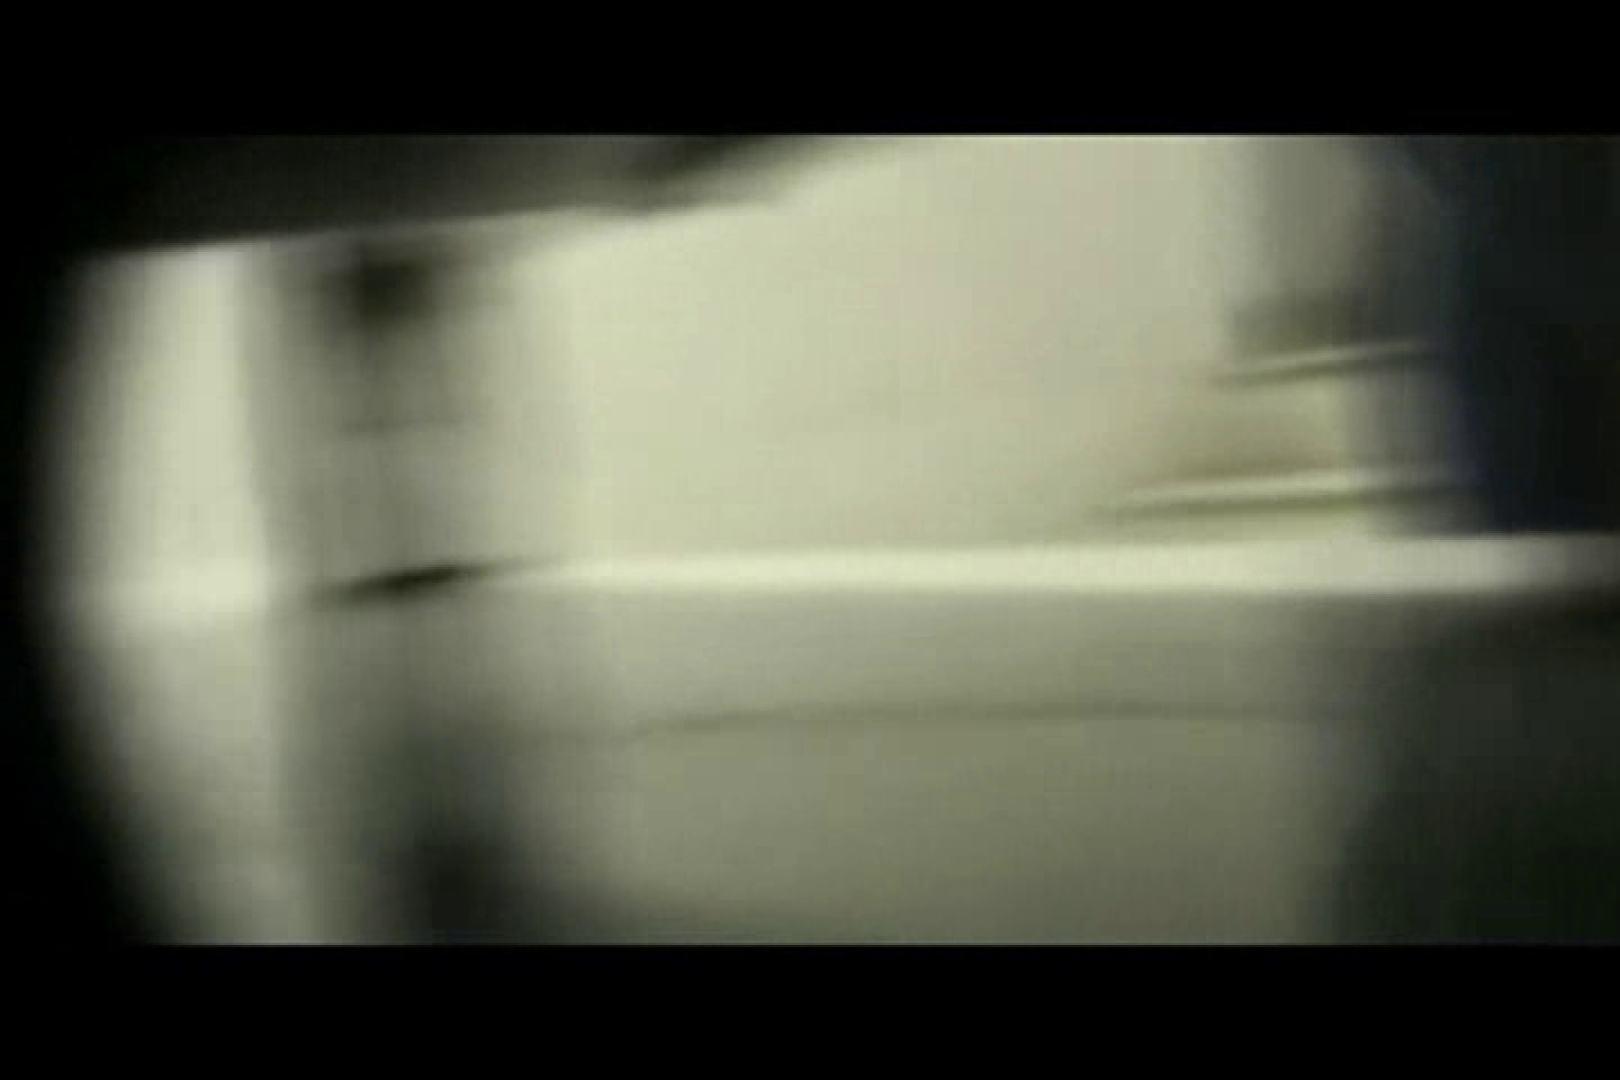 ぼっとん洗面所スペシャルVol.18 生おまんこ   OLエロ画像  63PICs 40